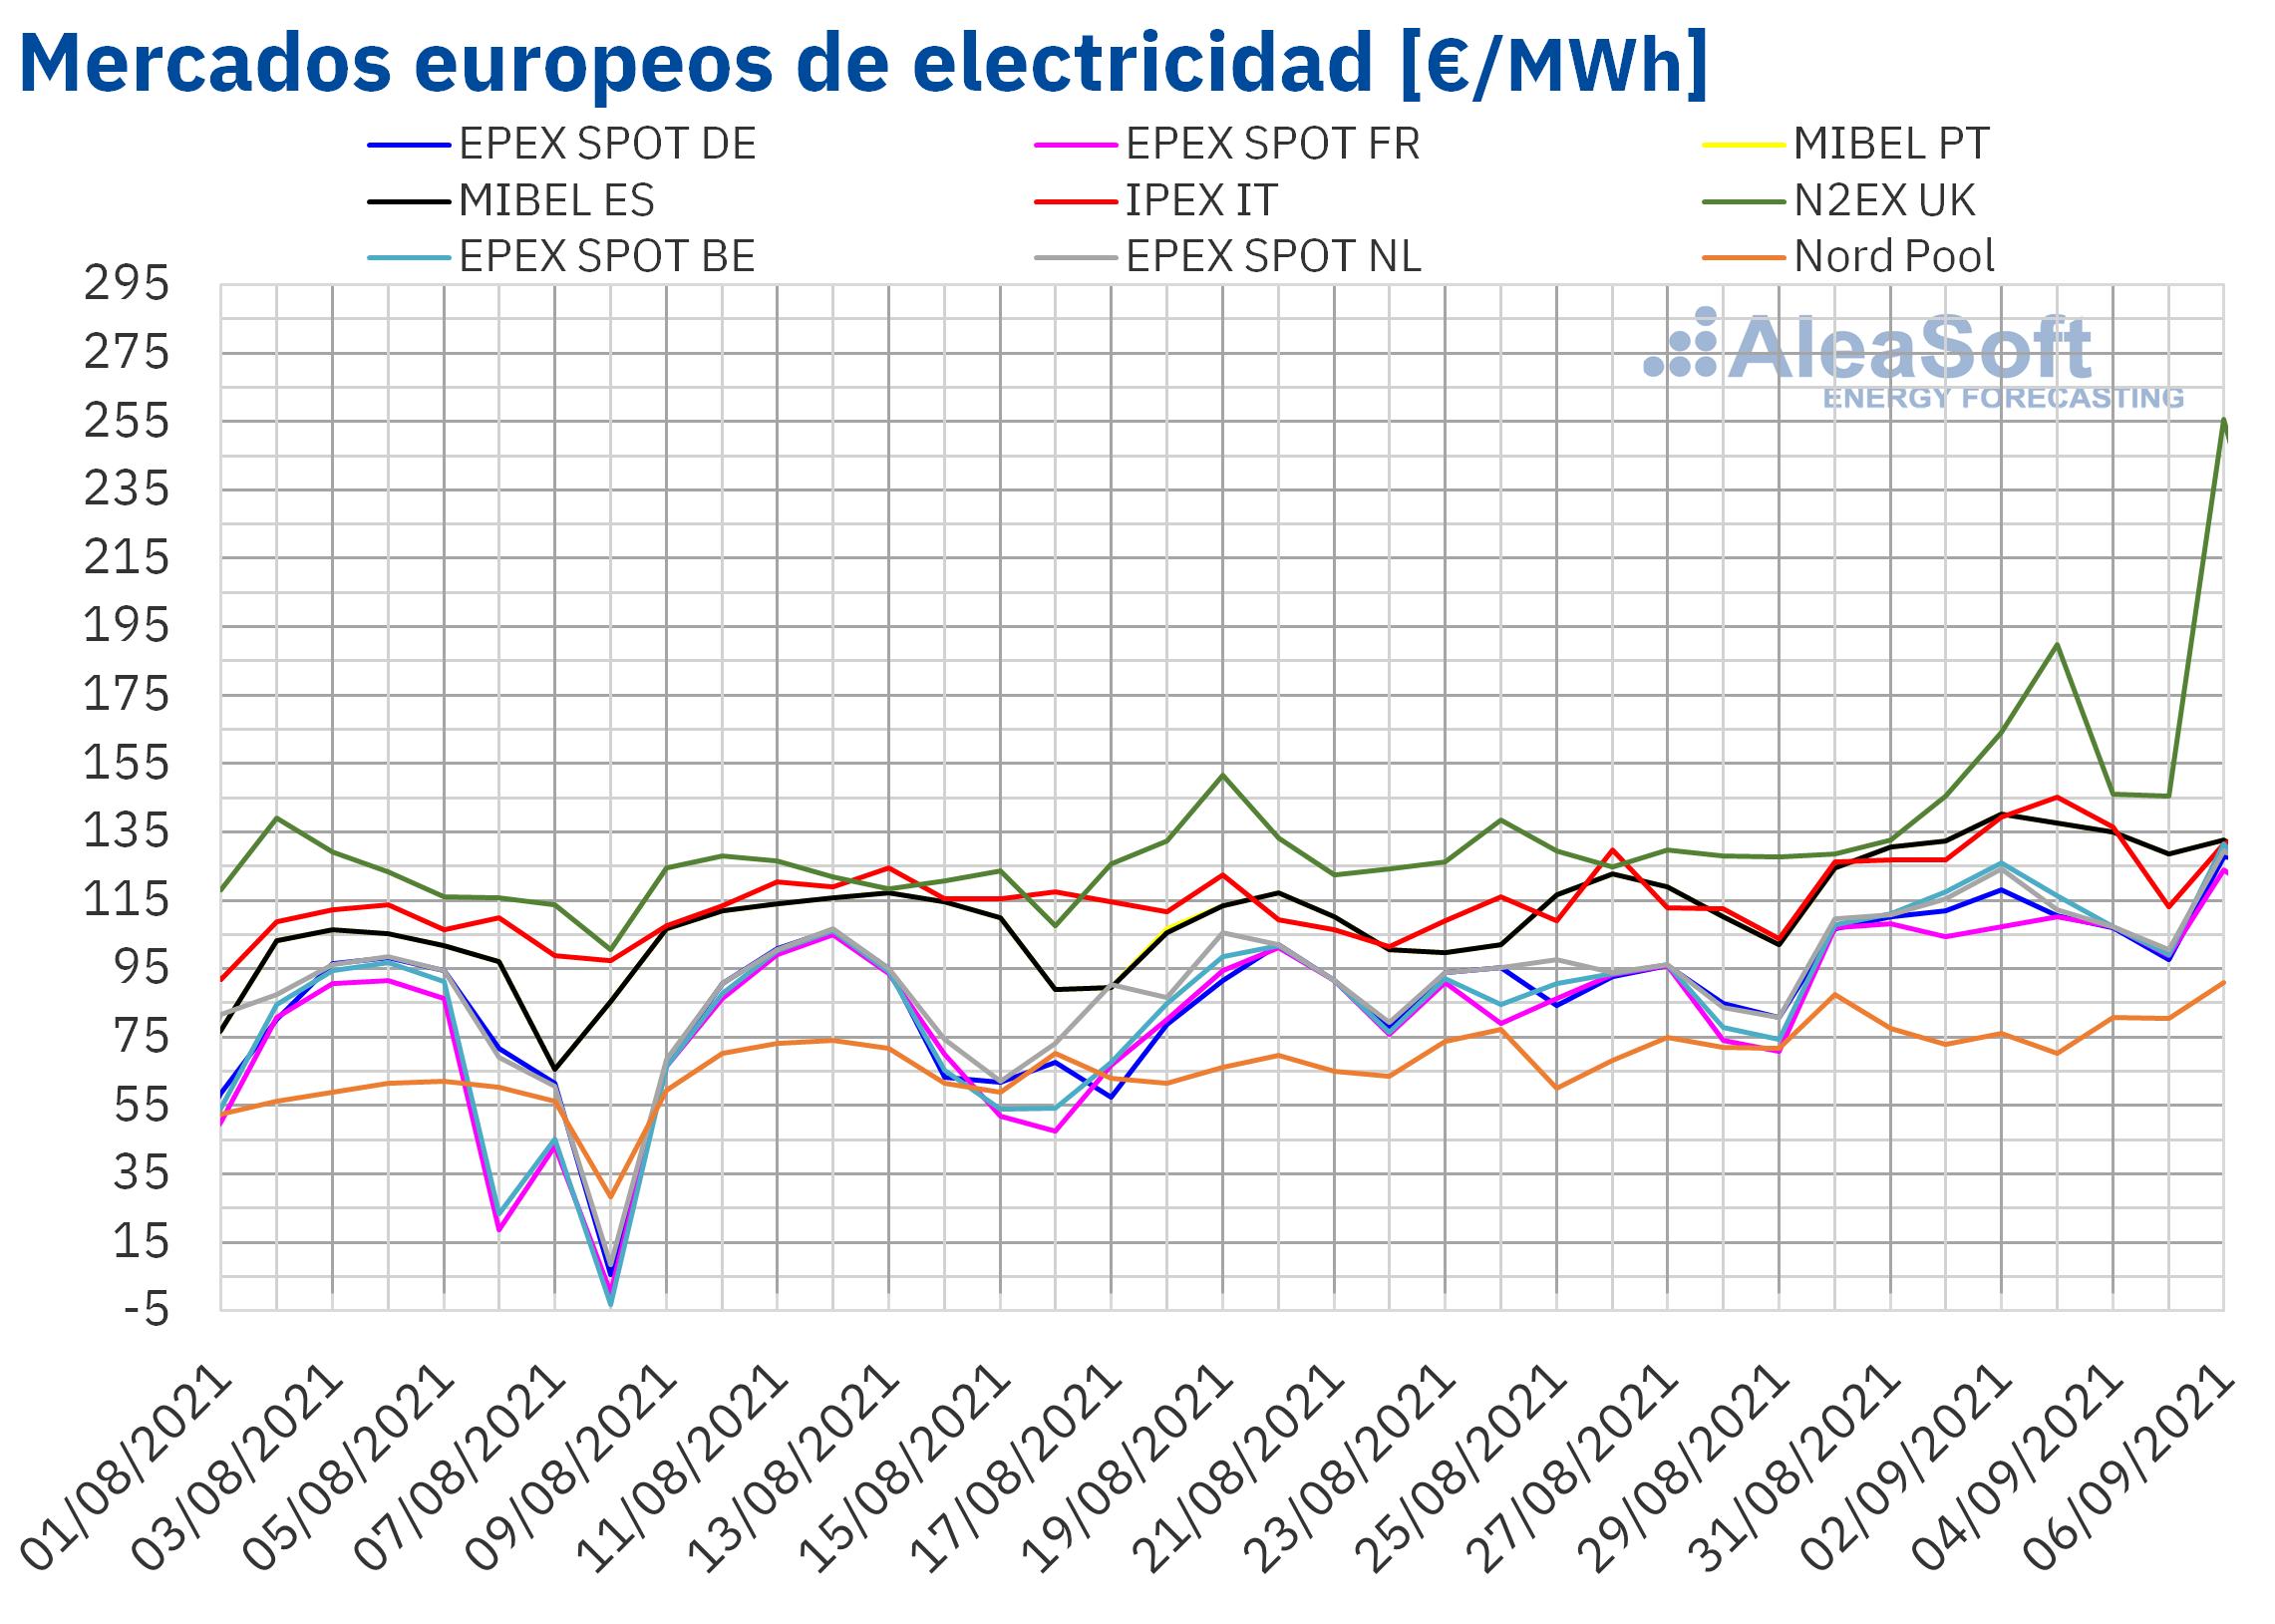 AleaSoft: Los precios de los mercados de energía europeos continúan subiendo y marcando récords